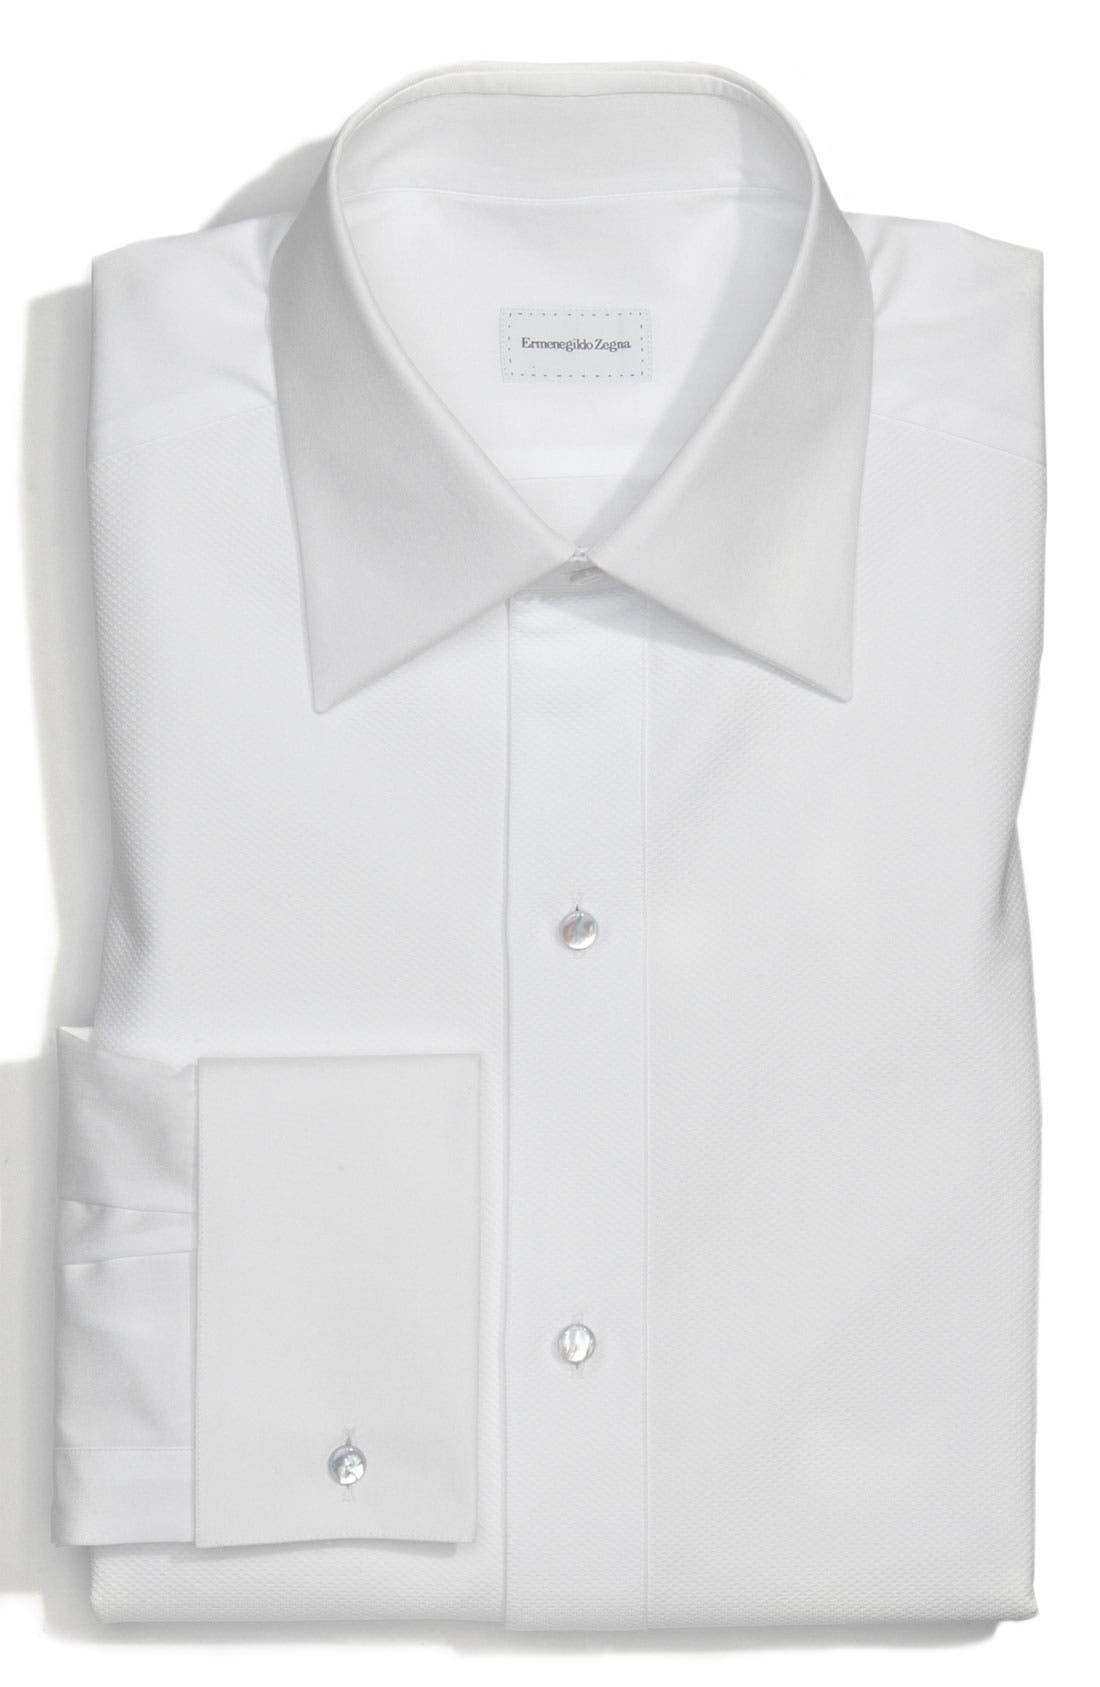 Main Image - Ermenegildo Zegna Regular Fit Tuxedo Shirt